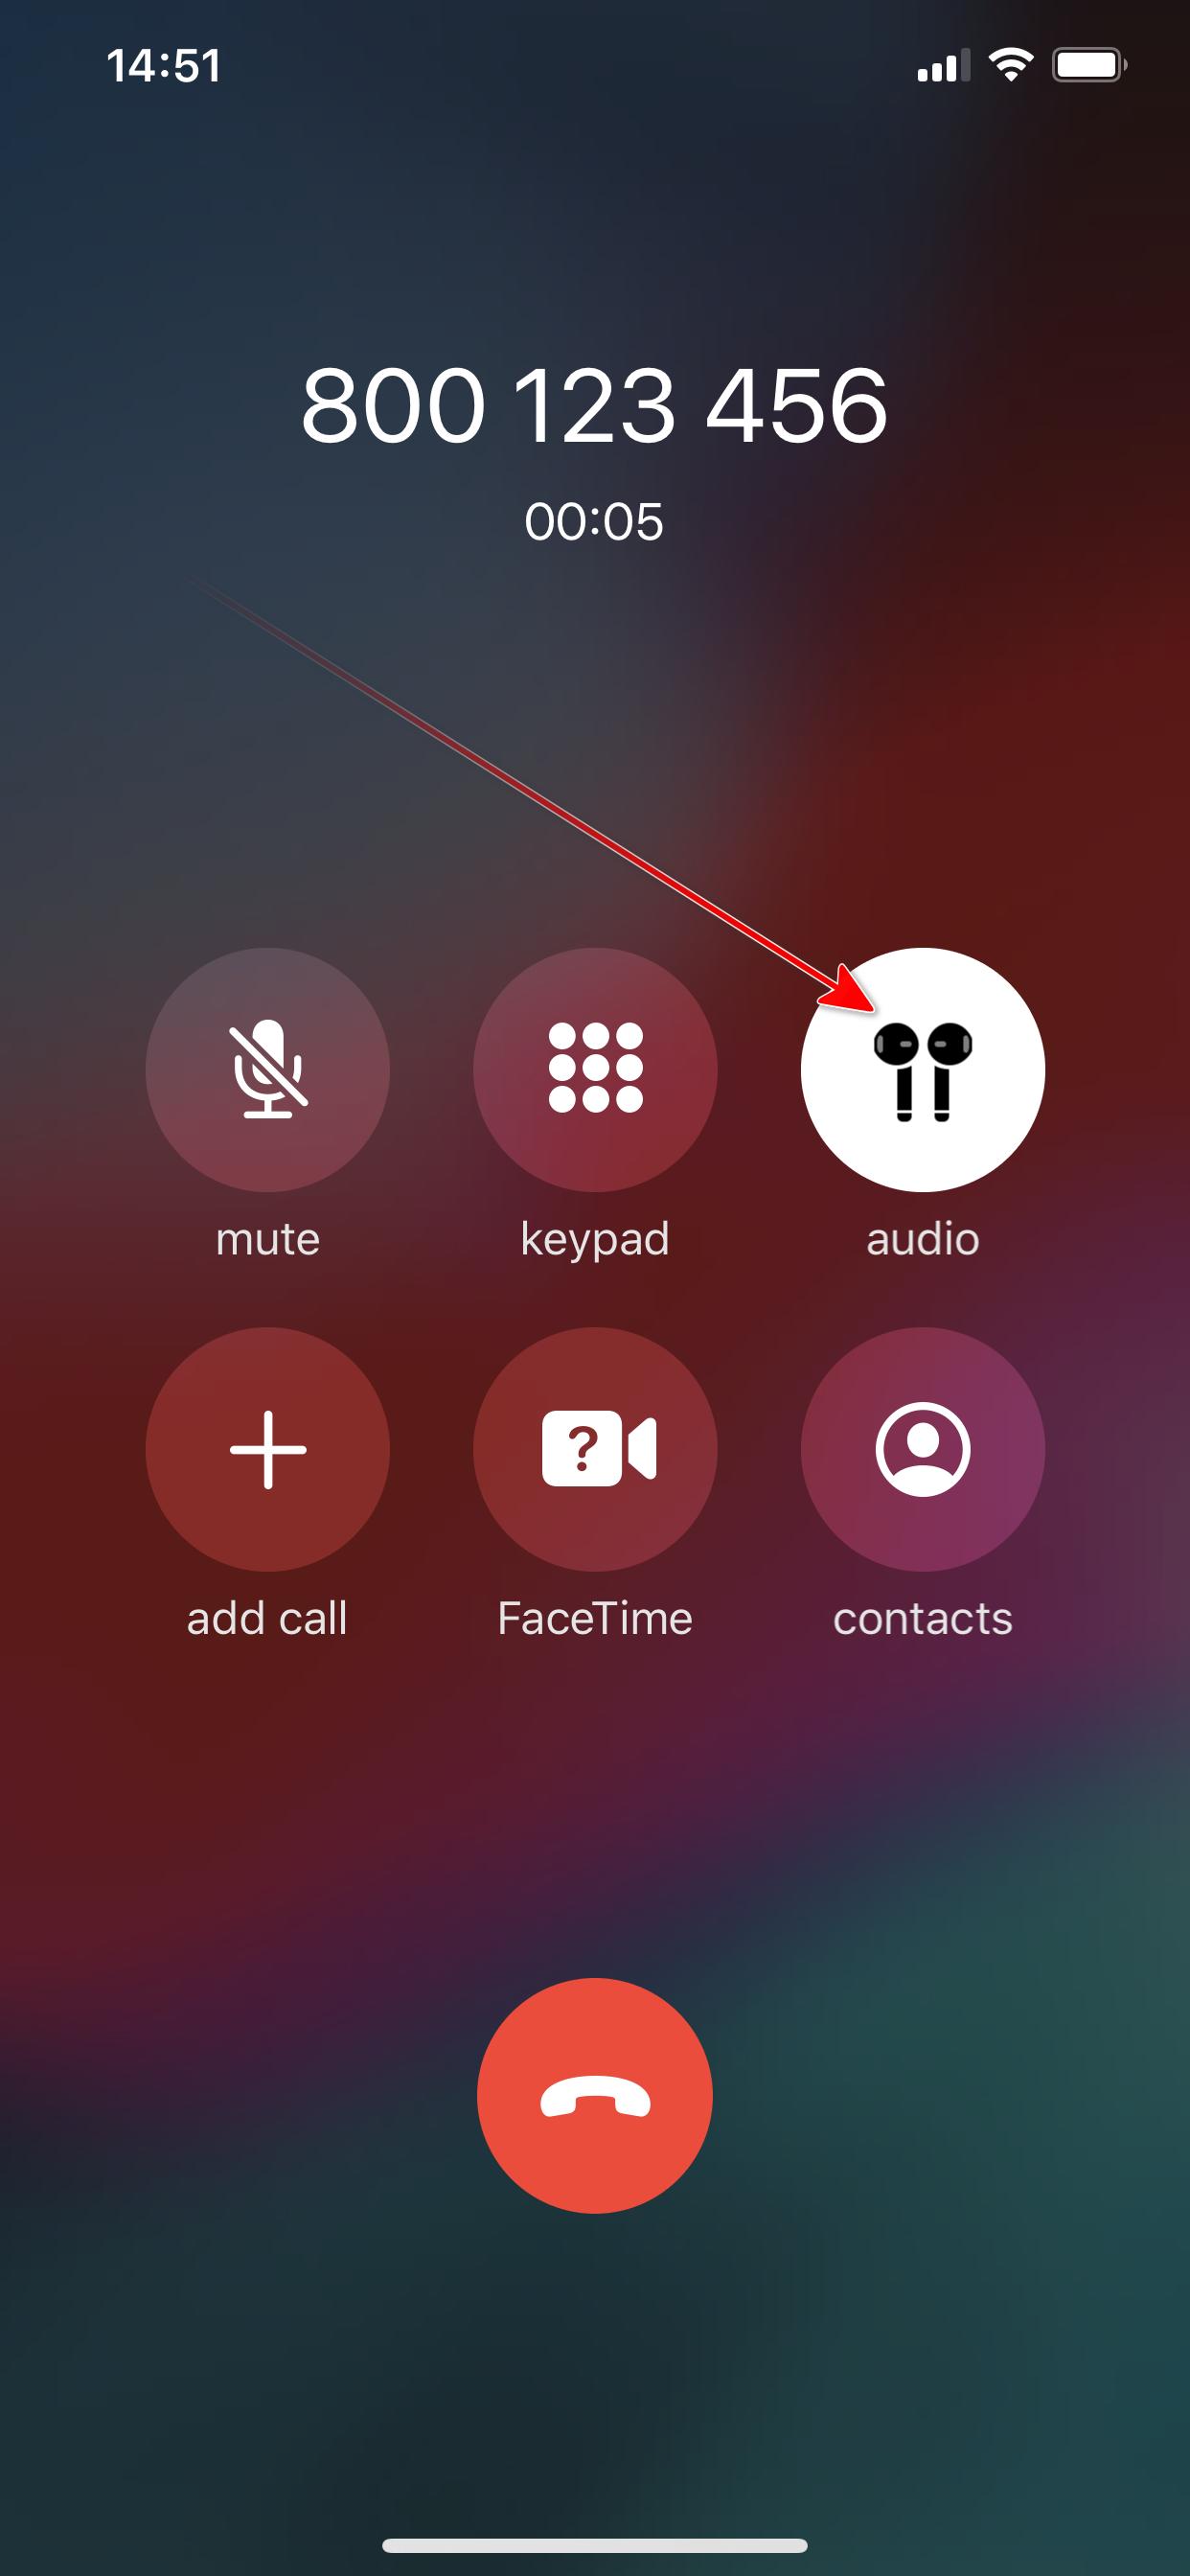 Bezdrátová Bluetooth sluchátka Apple AirPods: Jak je jednoduše p?epínat mezi telefonem iPhone a po?íta?em s Windows 10?